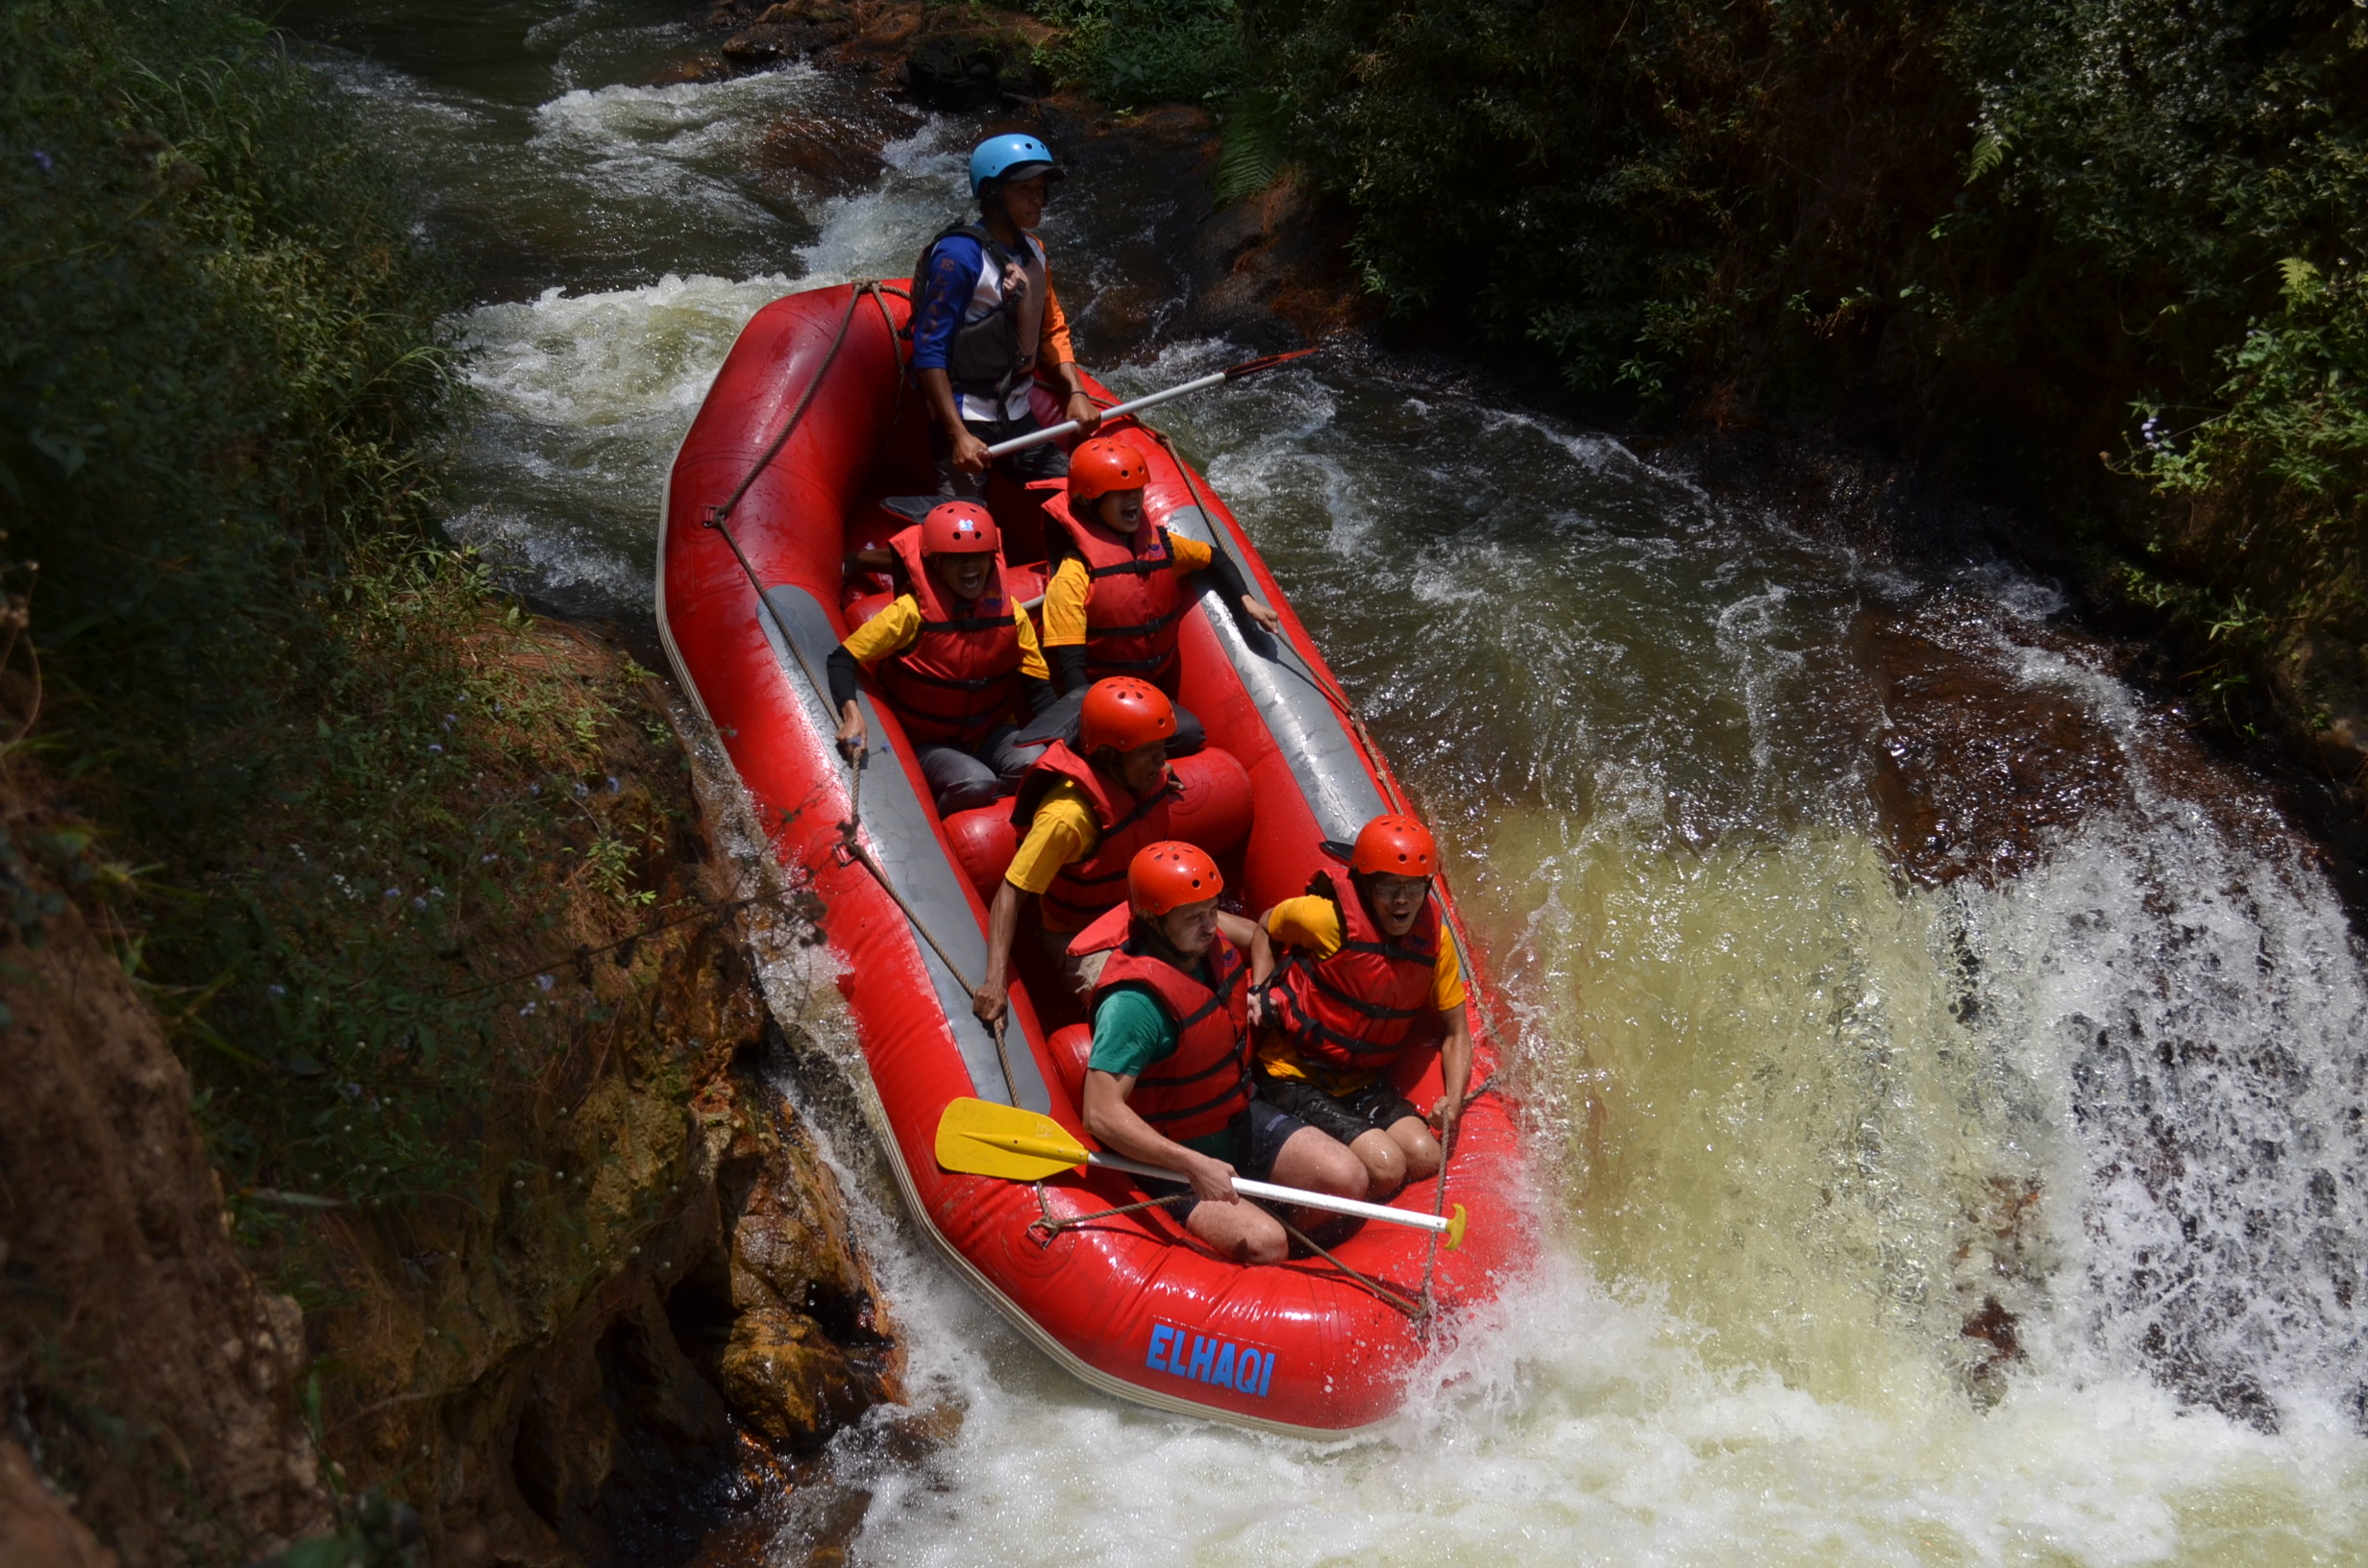 wahana-wisata-rafting-pangalengan-bandung-selatan-12